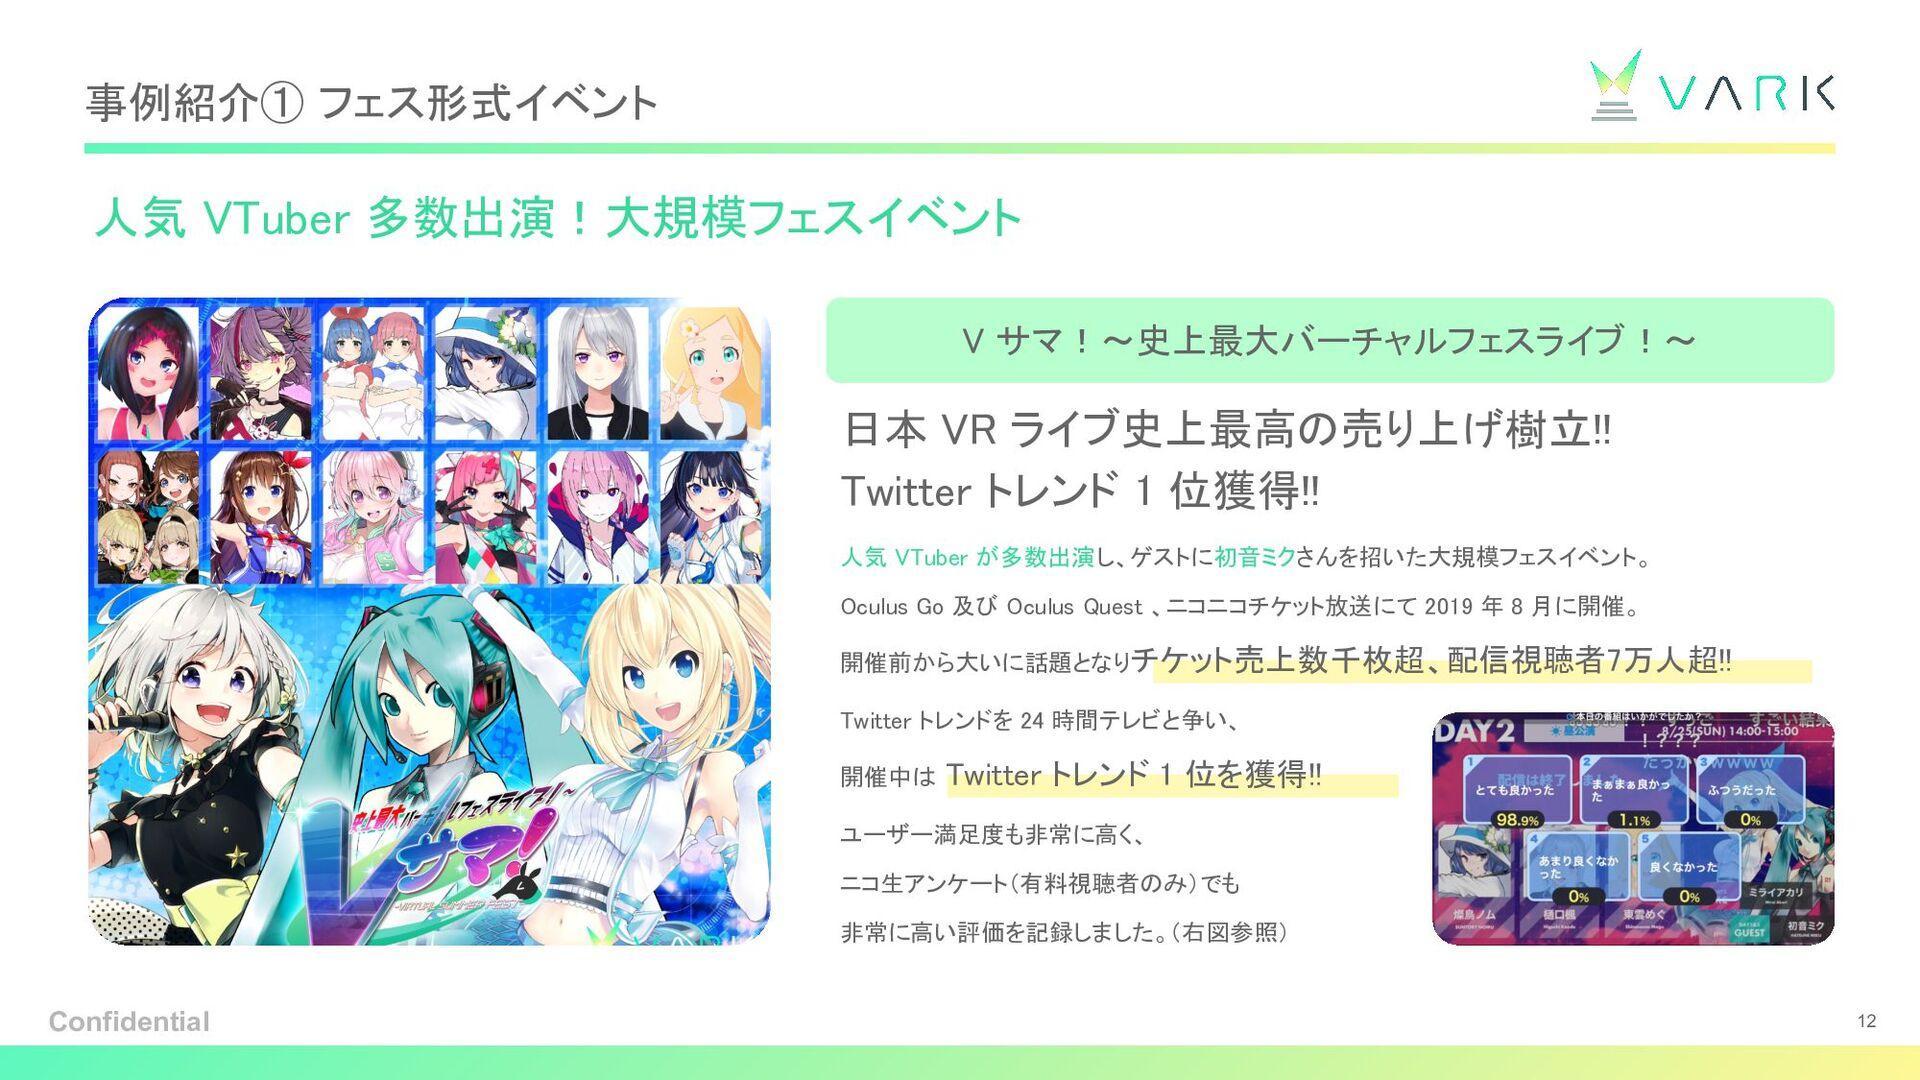 VARKの魅力 ~数字でみるVARK~ これまで開催した全てのイベントで ユーザー満足度 95...